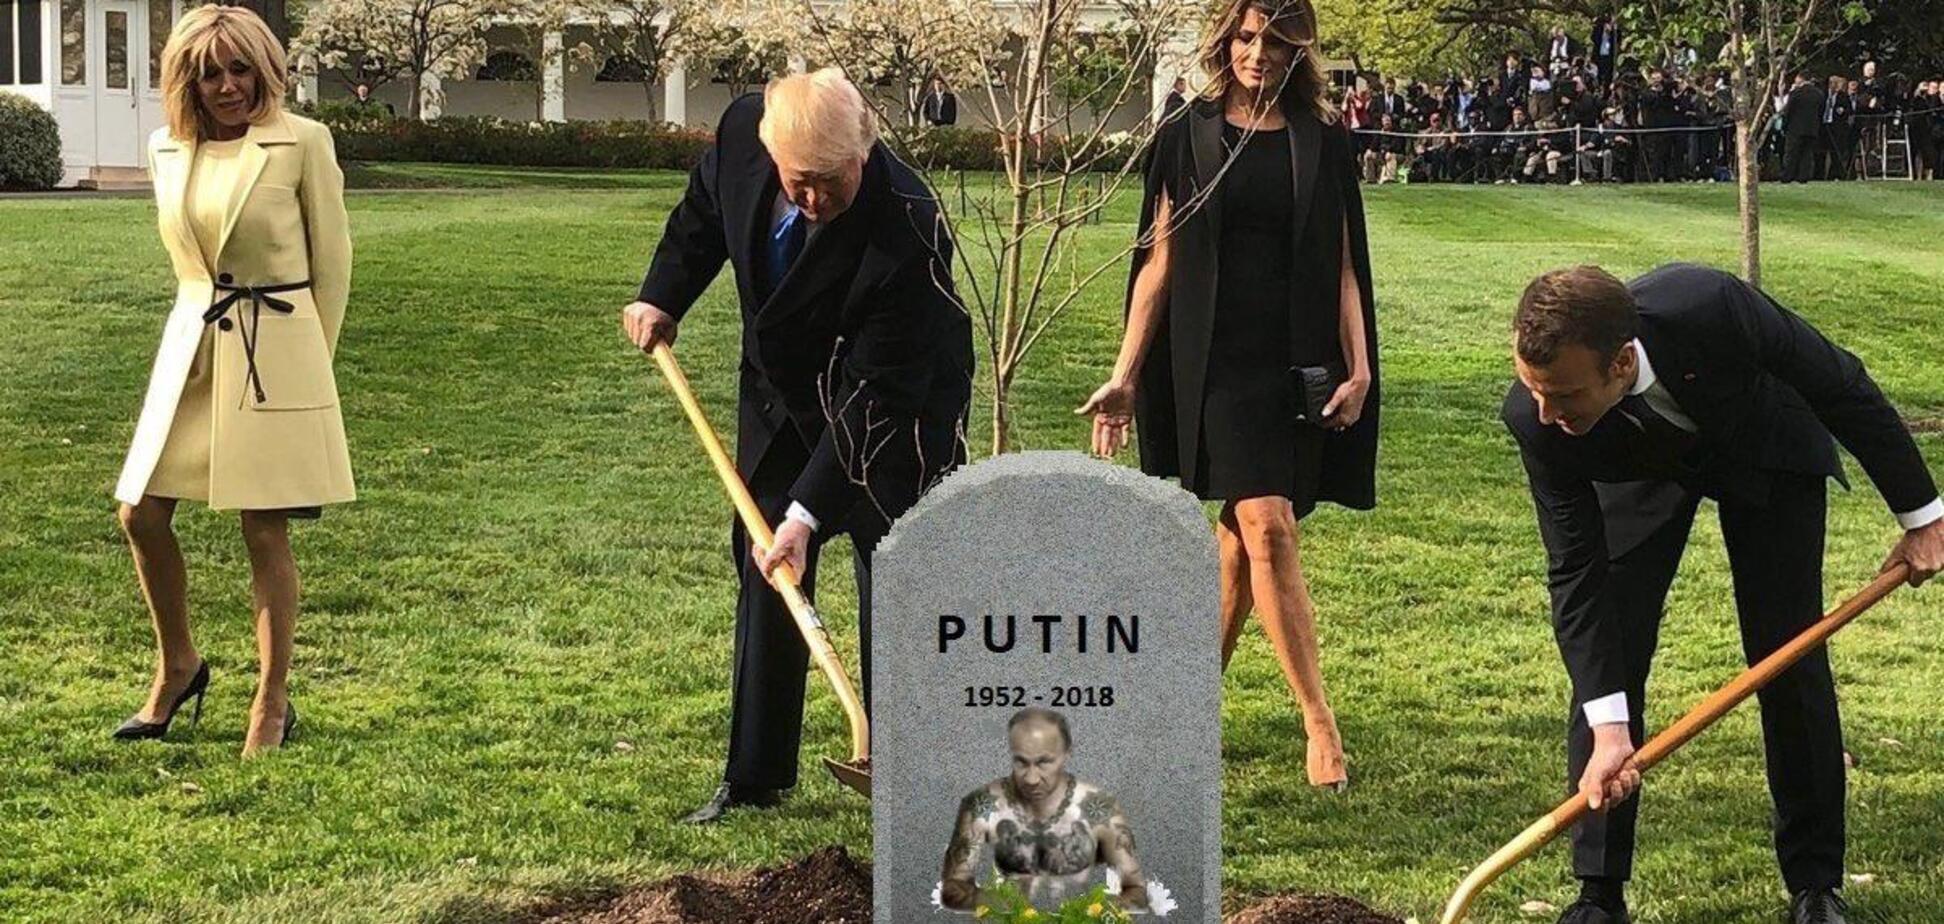 Прикопали под дубом: в Канаде 'похоронили' Путина, сеть в восторге